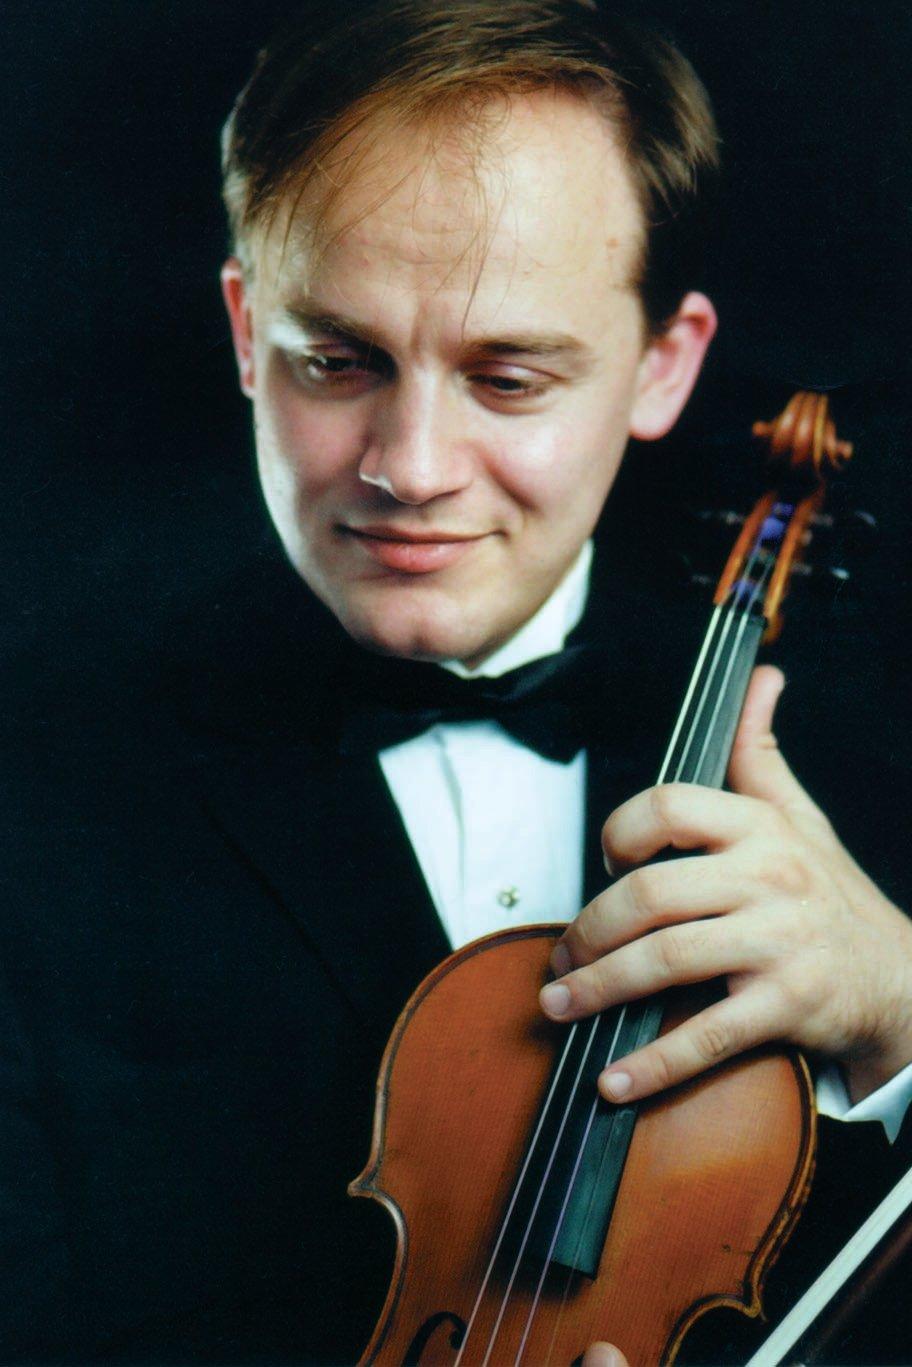 Sergey Nazarov